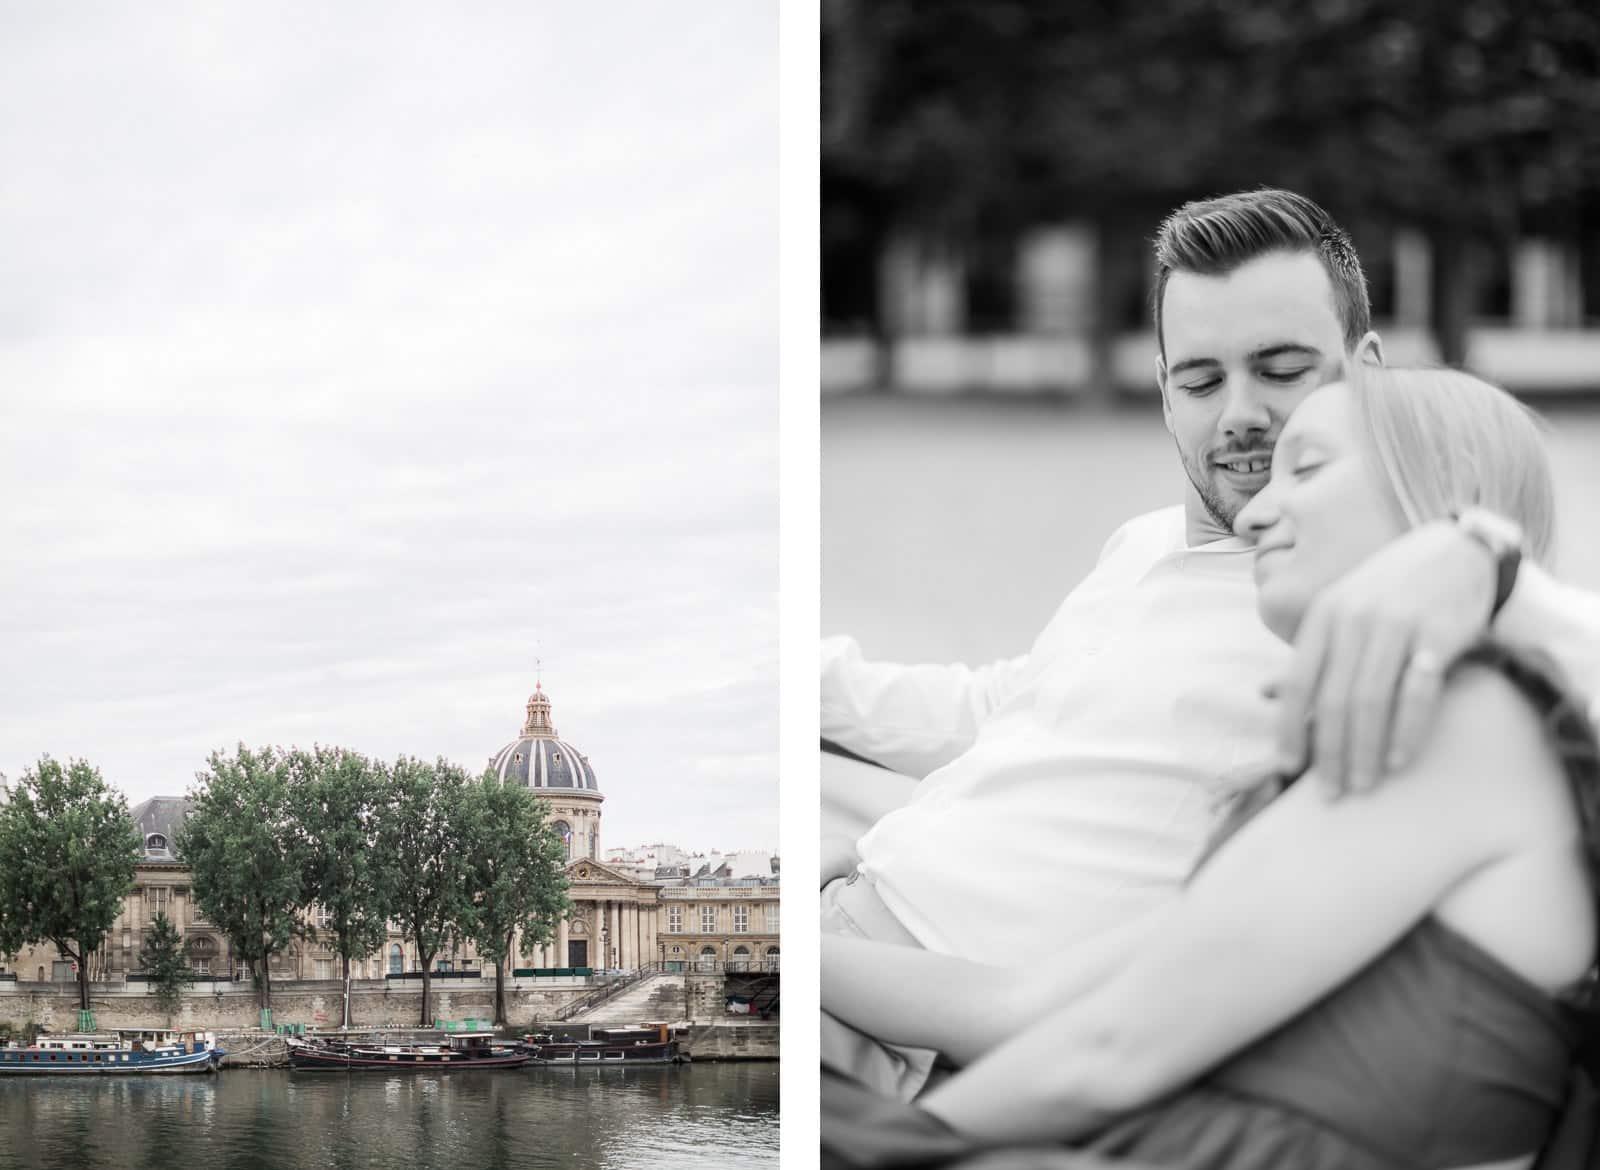 Photo de Mathieu Dété, couple enlacé sur un banc dans Paris